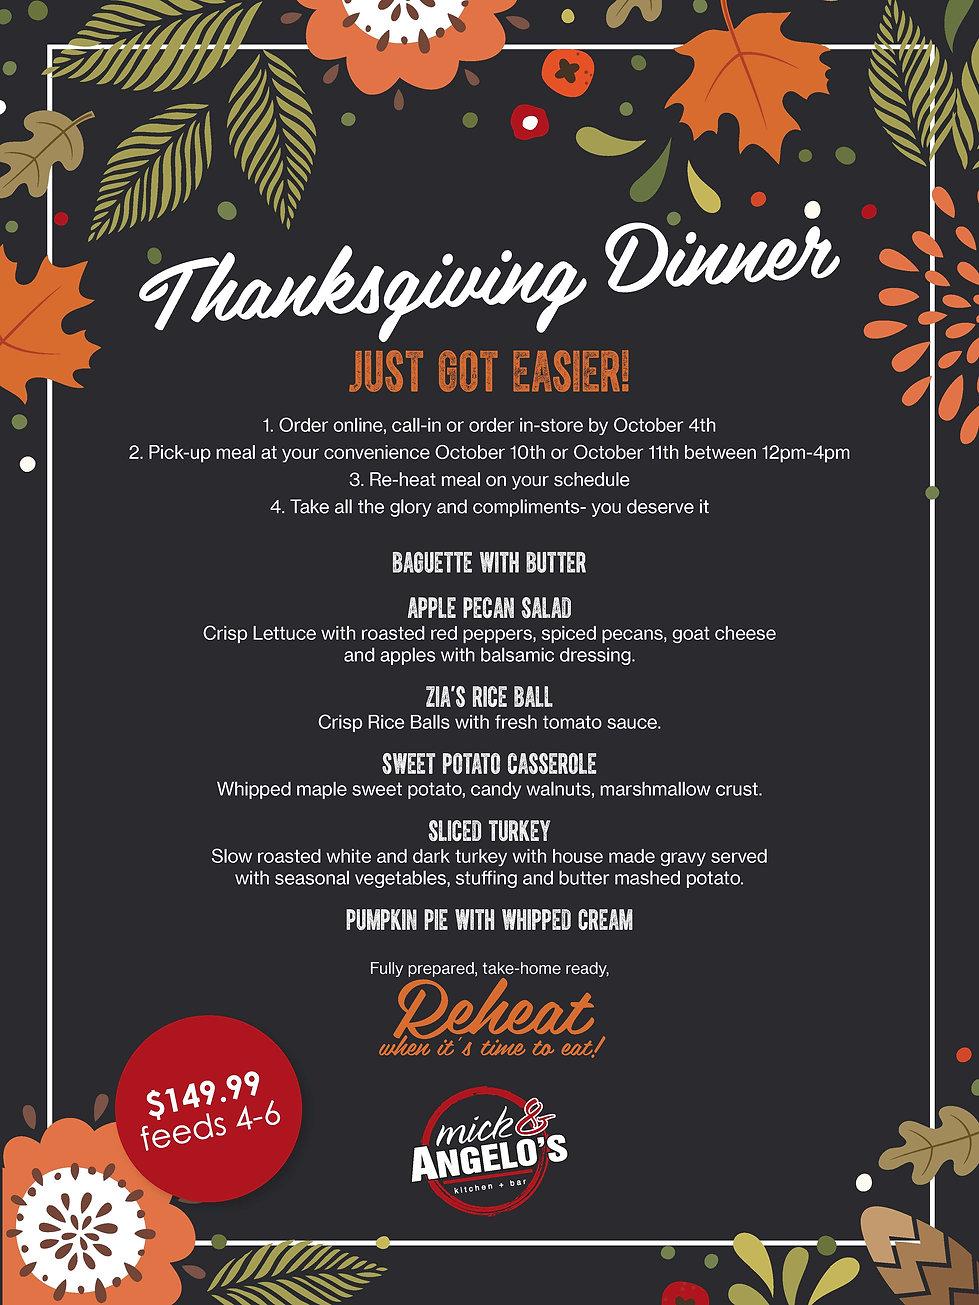 43North_Thanksgiving_MA_Menu.jpg